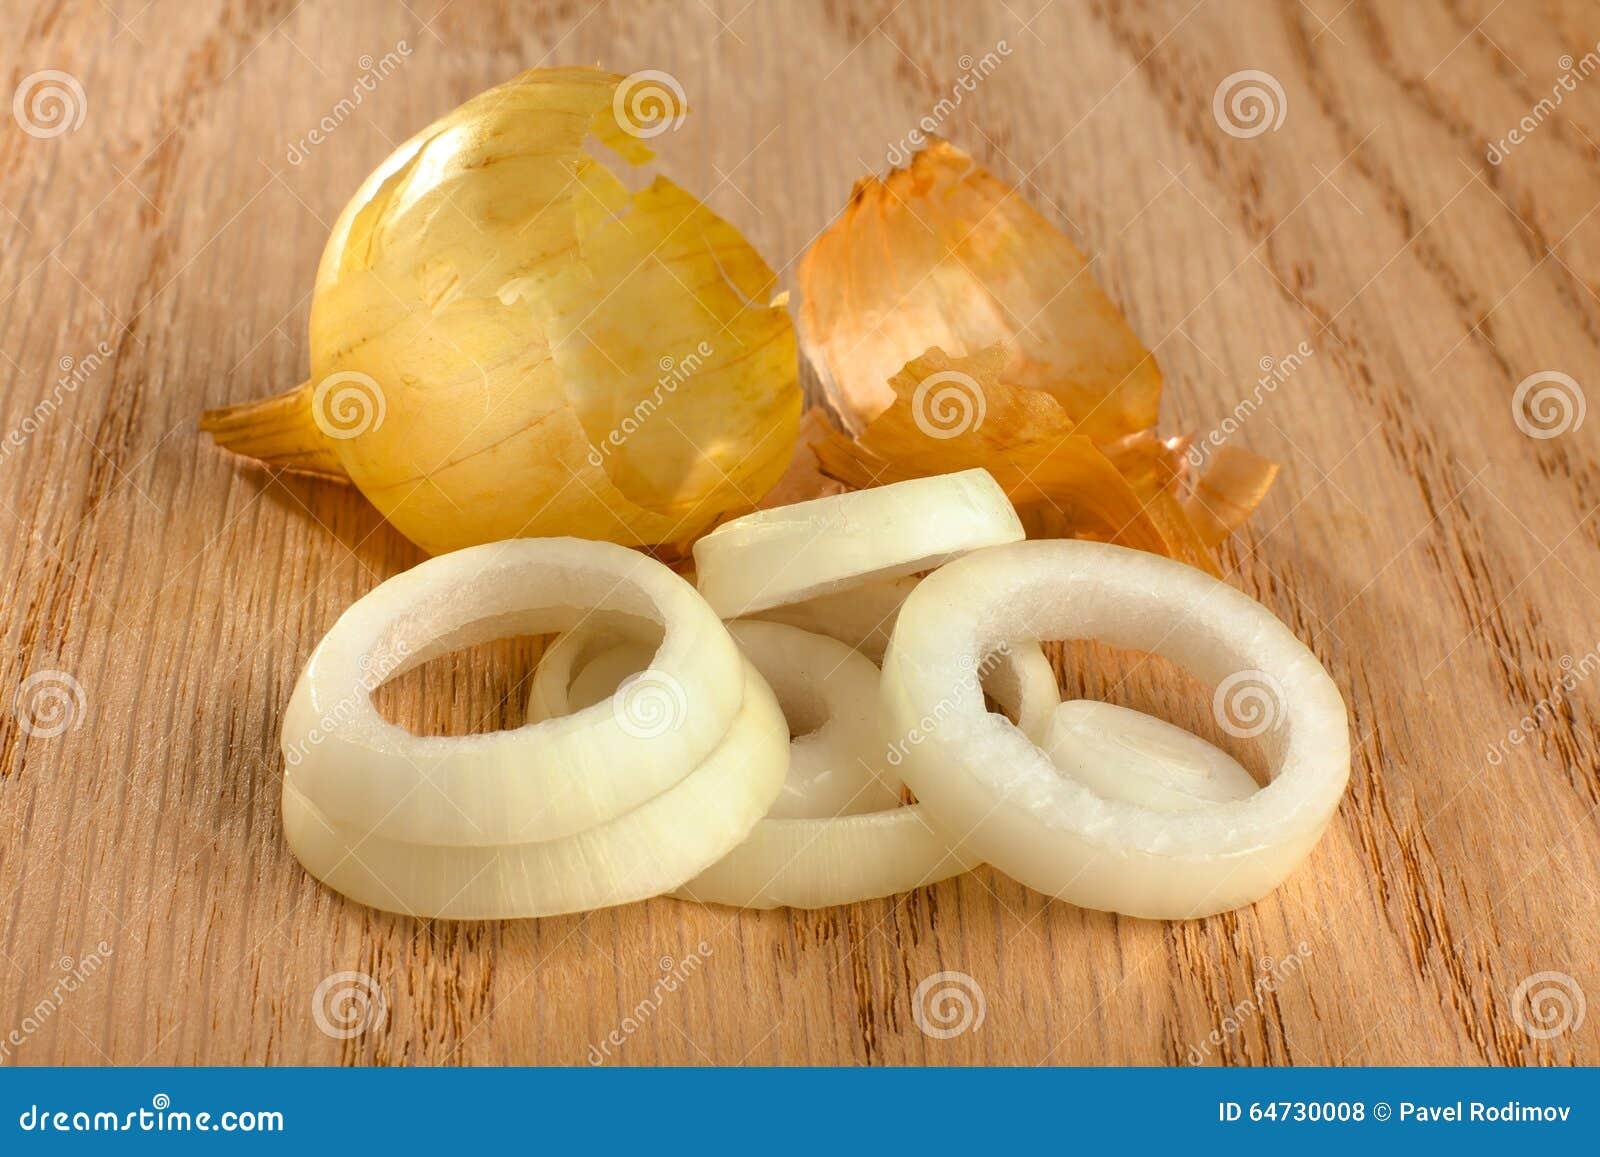 Anelli della cipolla con la buccia su fondo di legno